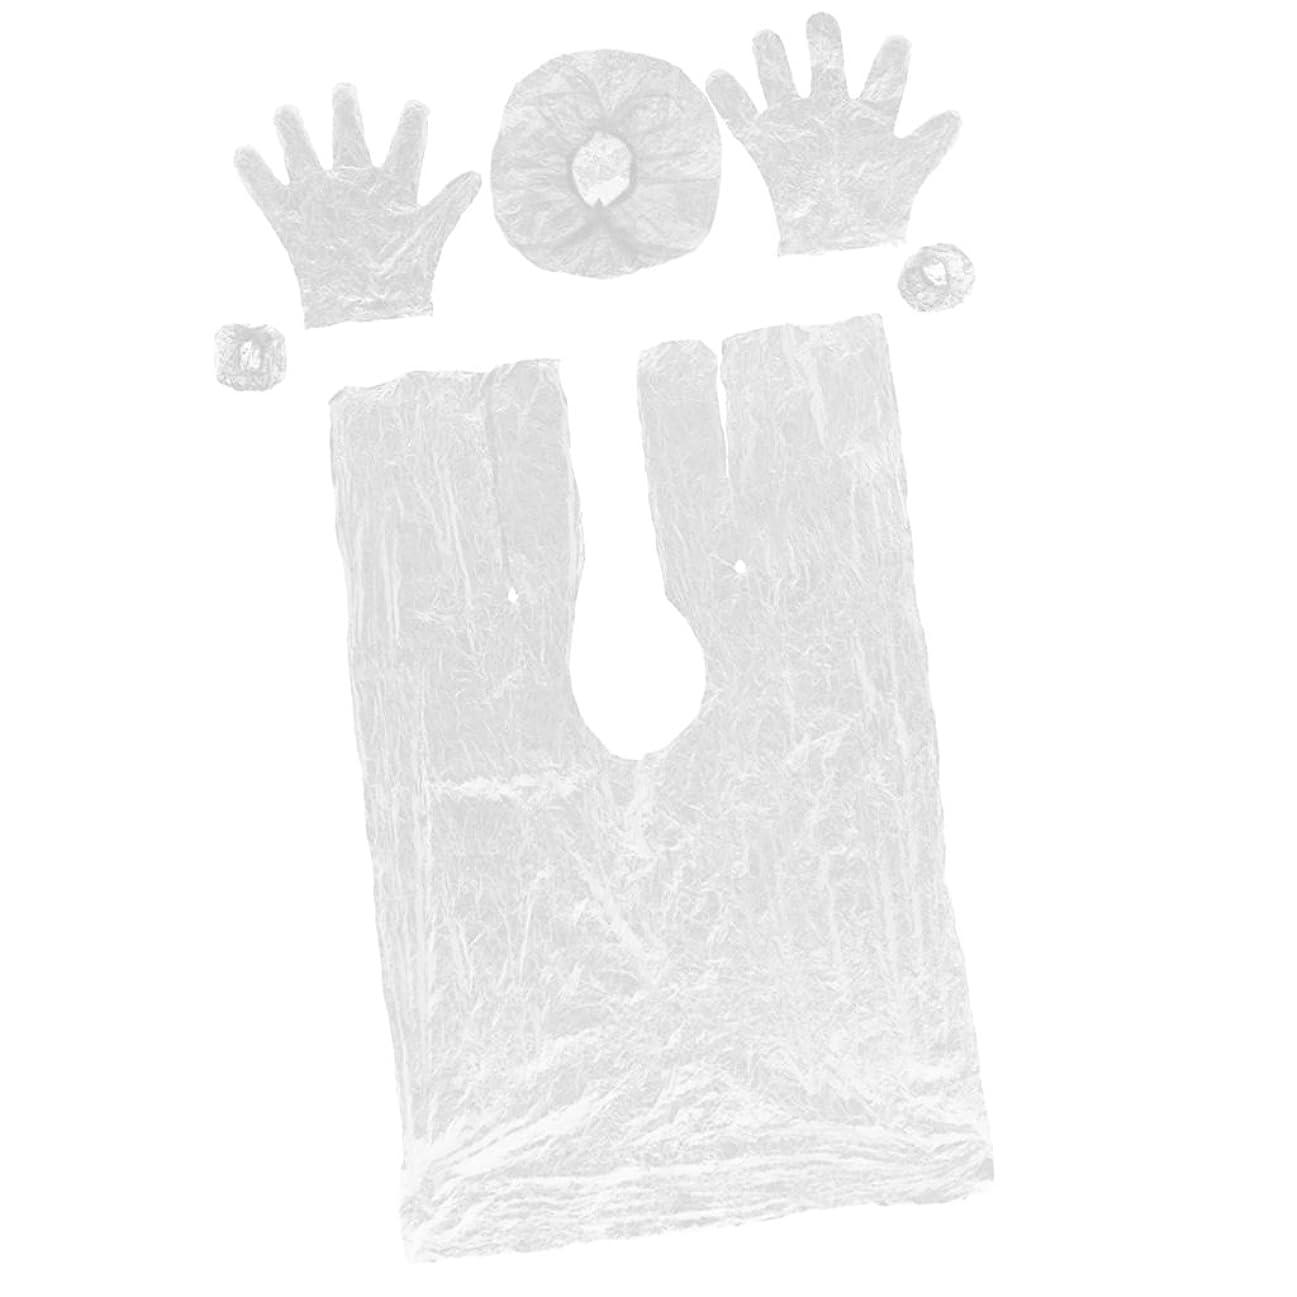 作詞家表現家Perfk 使い捨て ヘアケア サロン プロ 自宅用 弾性キャップ サロンケープ  手袋 耳栓 プラスチック製